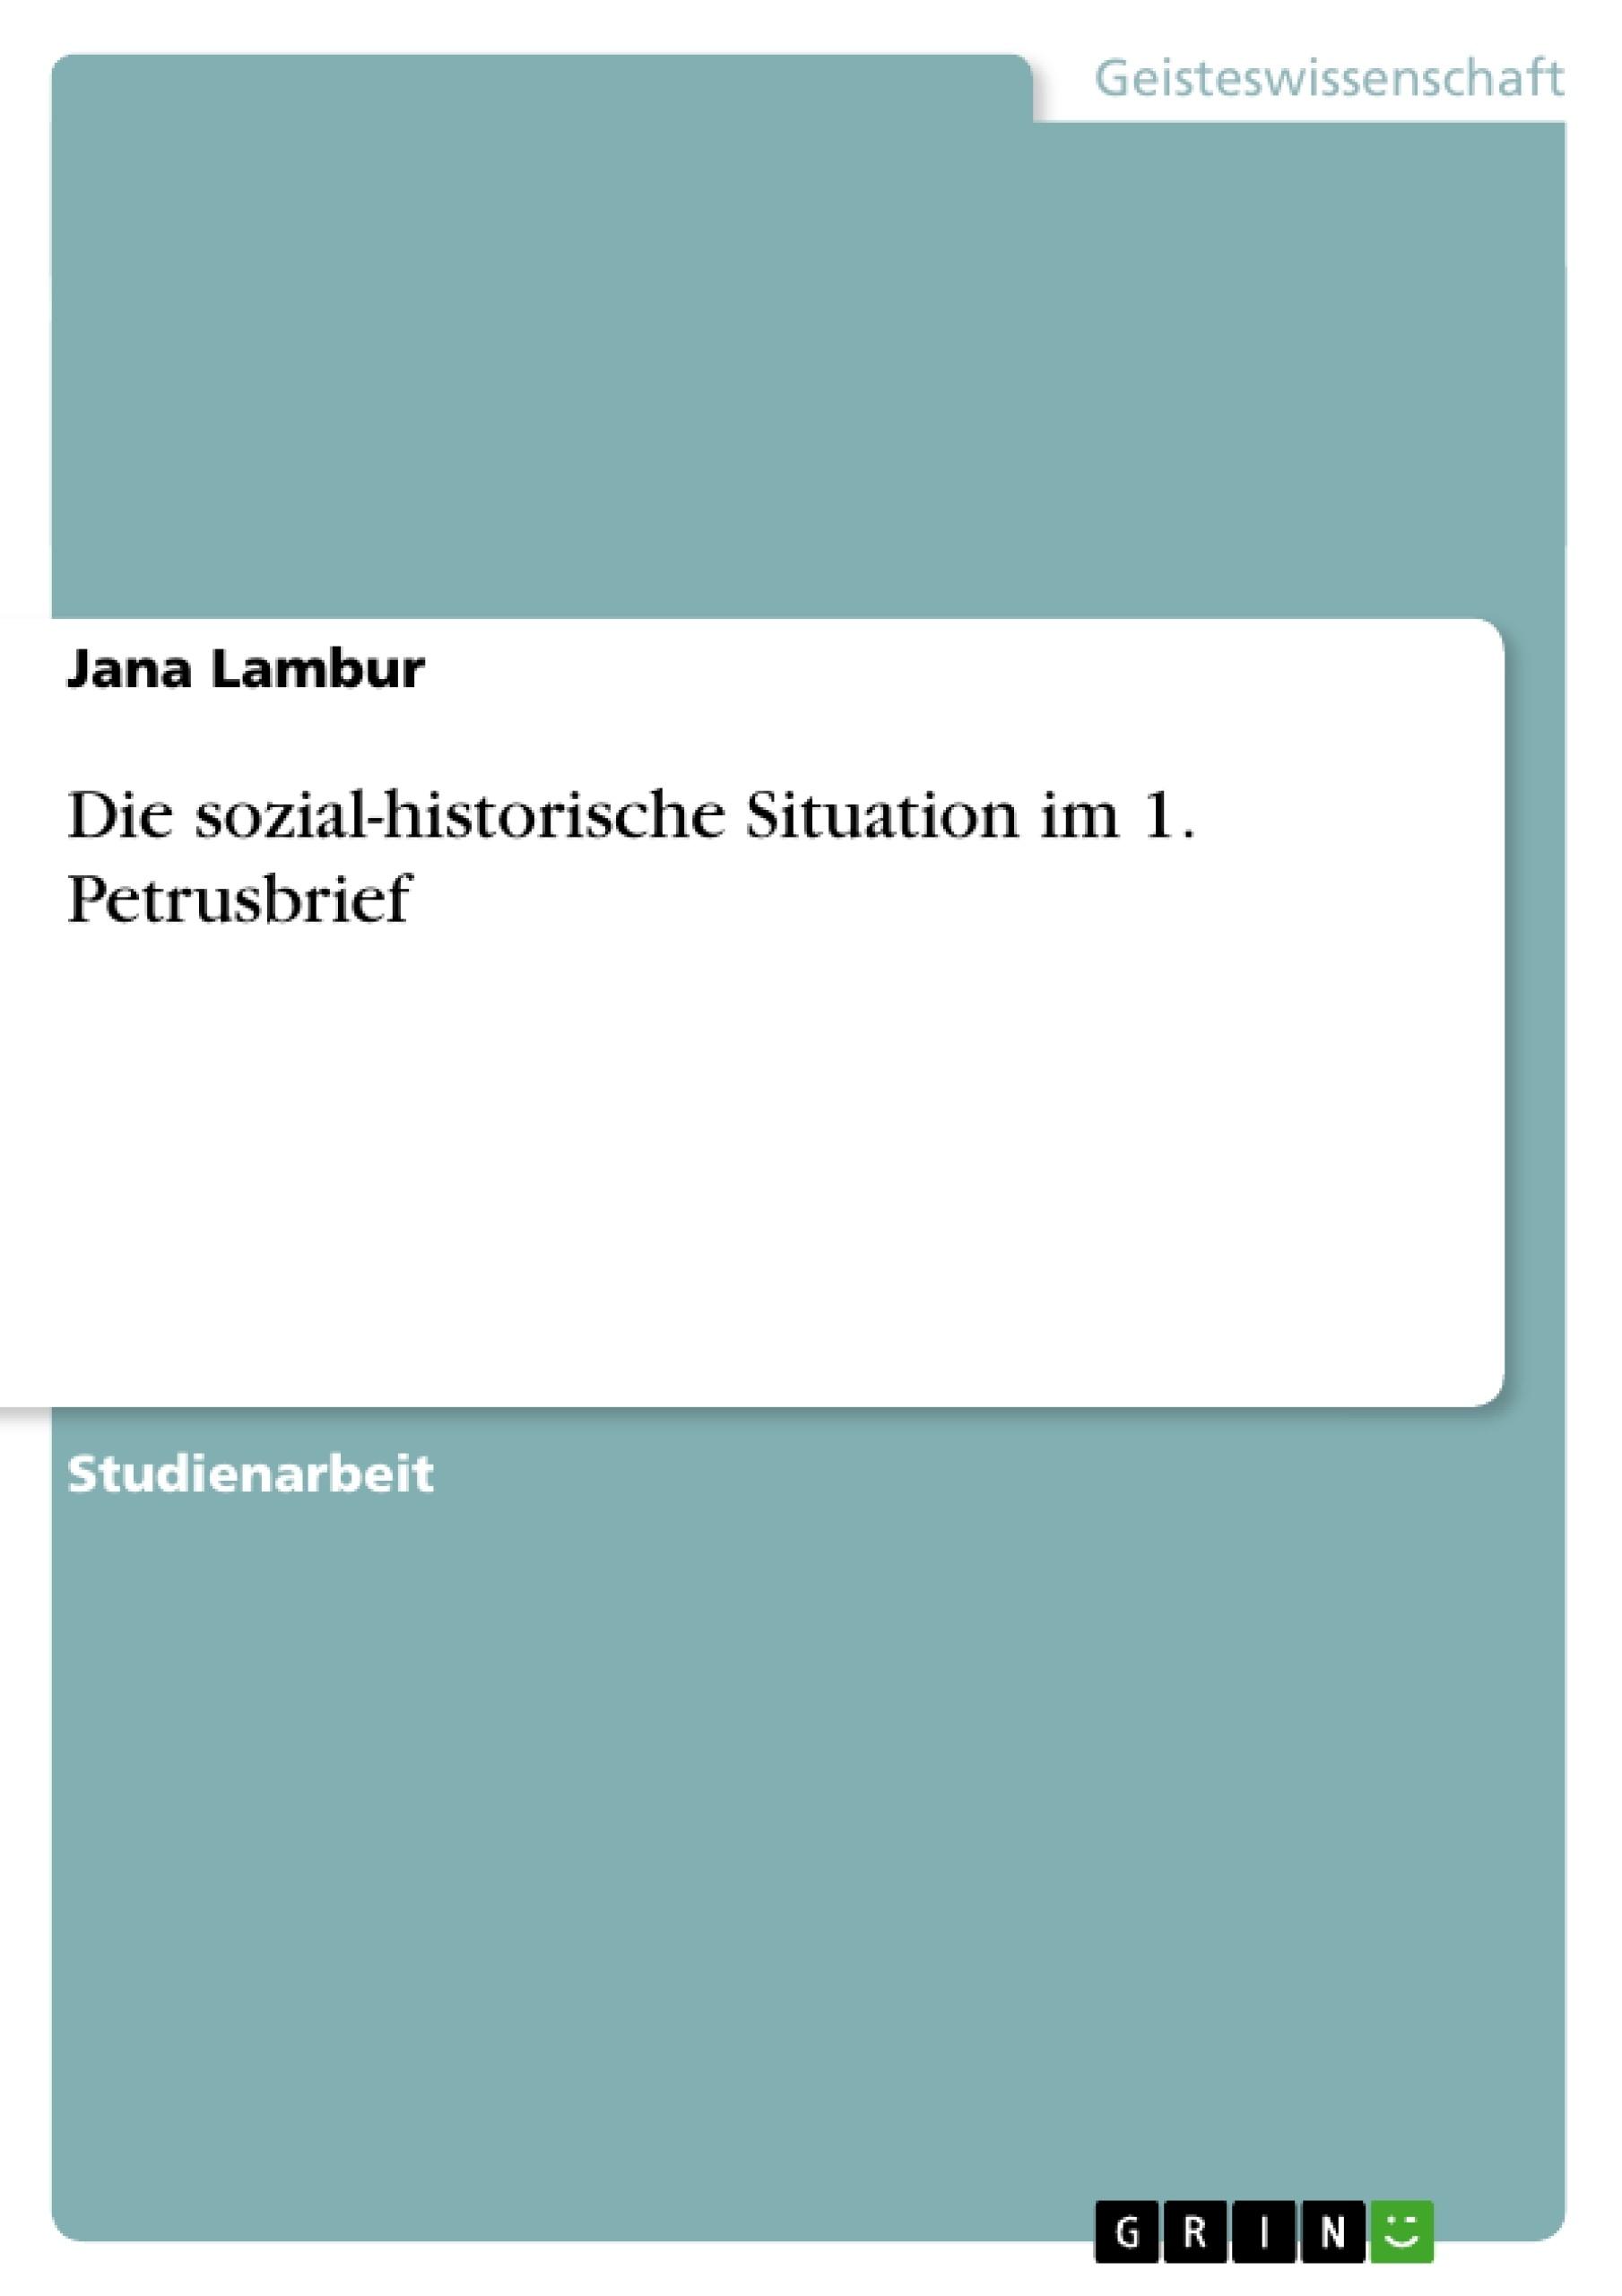 Titel: Die sozial-historische Situation im 1. Petrusbrief